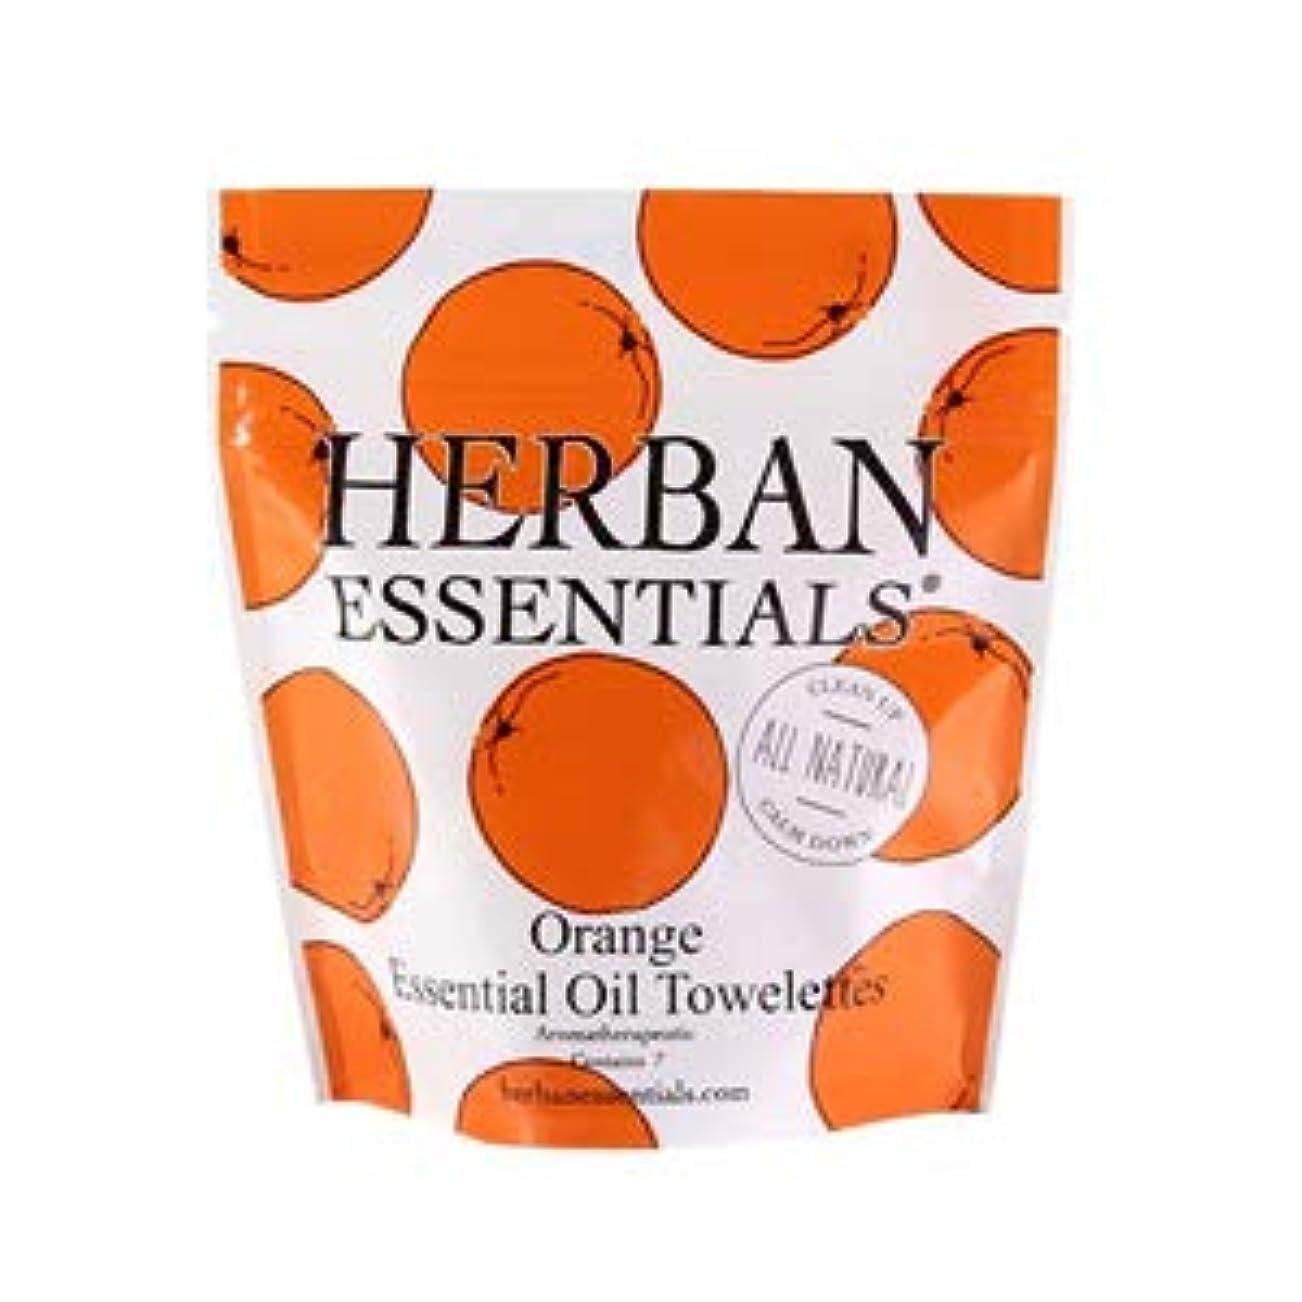 技術的な脊椎失効ハーバンエッセンシャルズ HERBAN ESSENTIALS アロマタオル ミニ オレンジ 7包